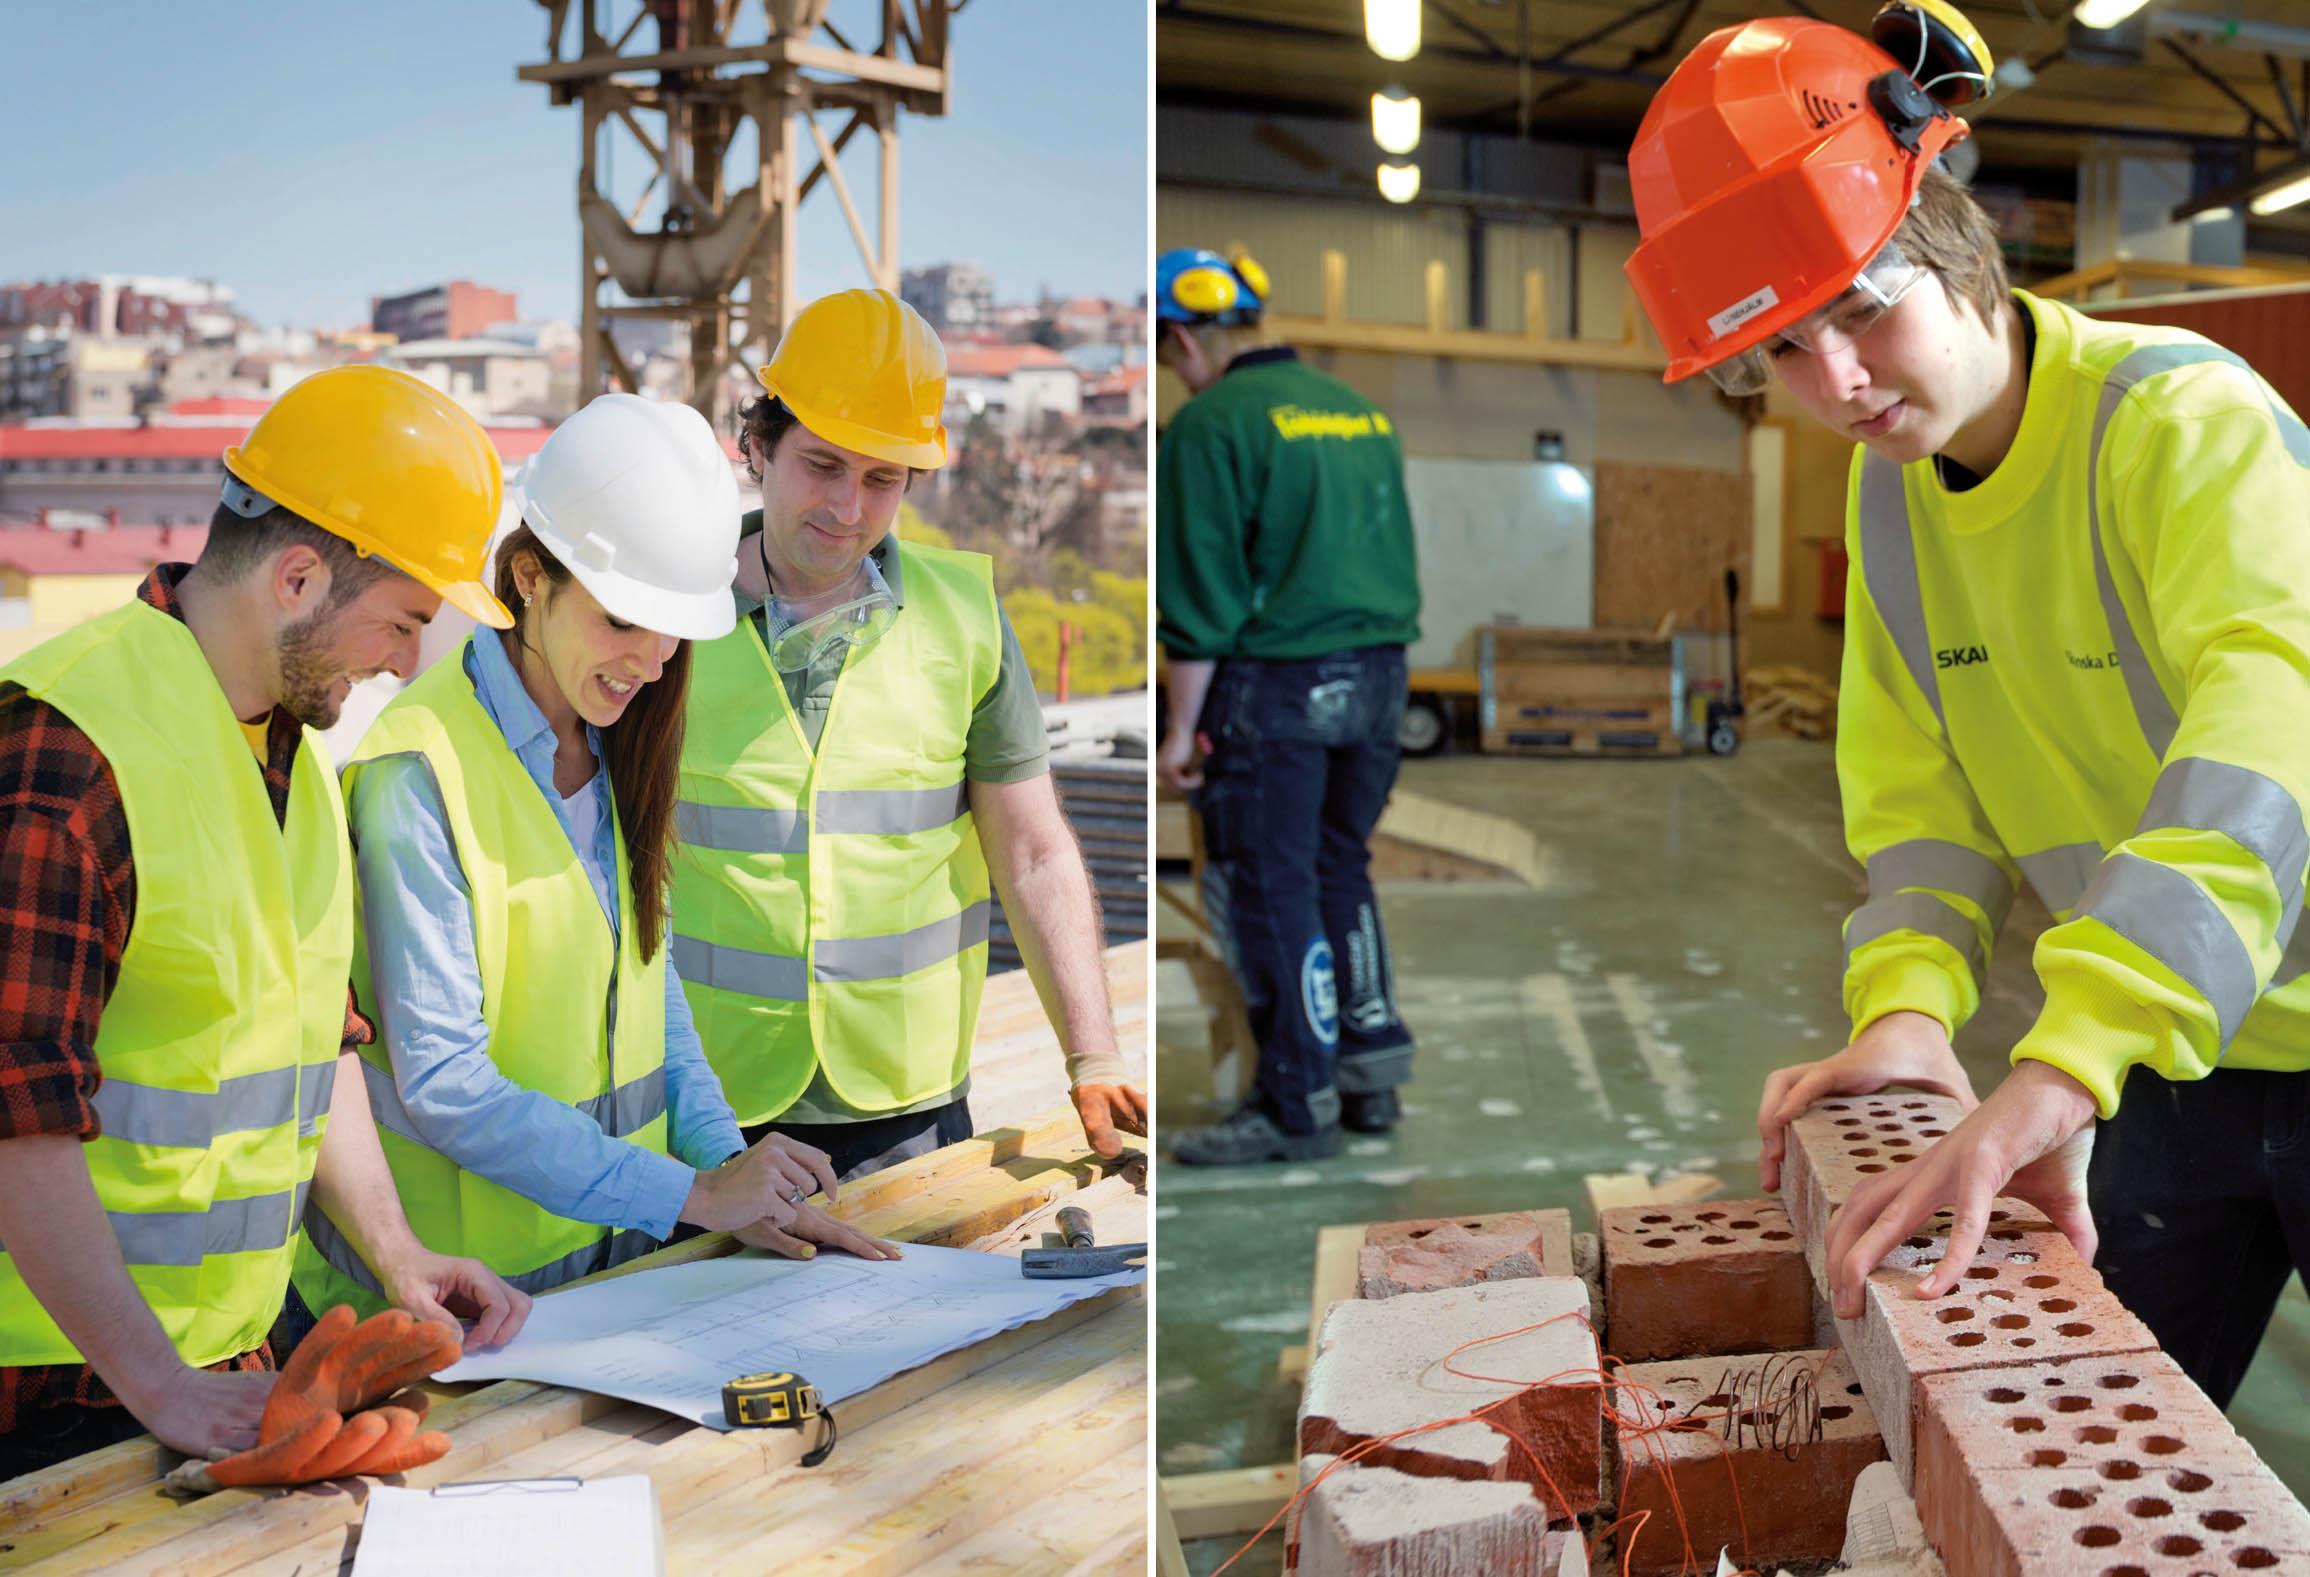 Byggarbetare läser en byggritning samt elev som bygger med tegelstenar